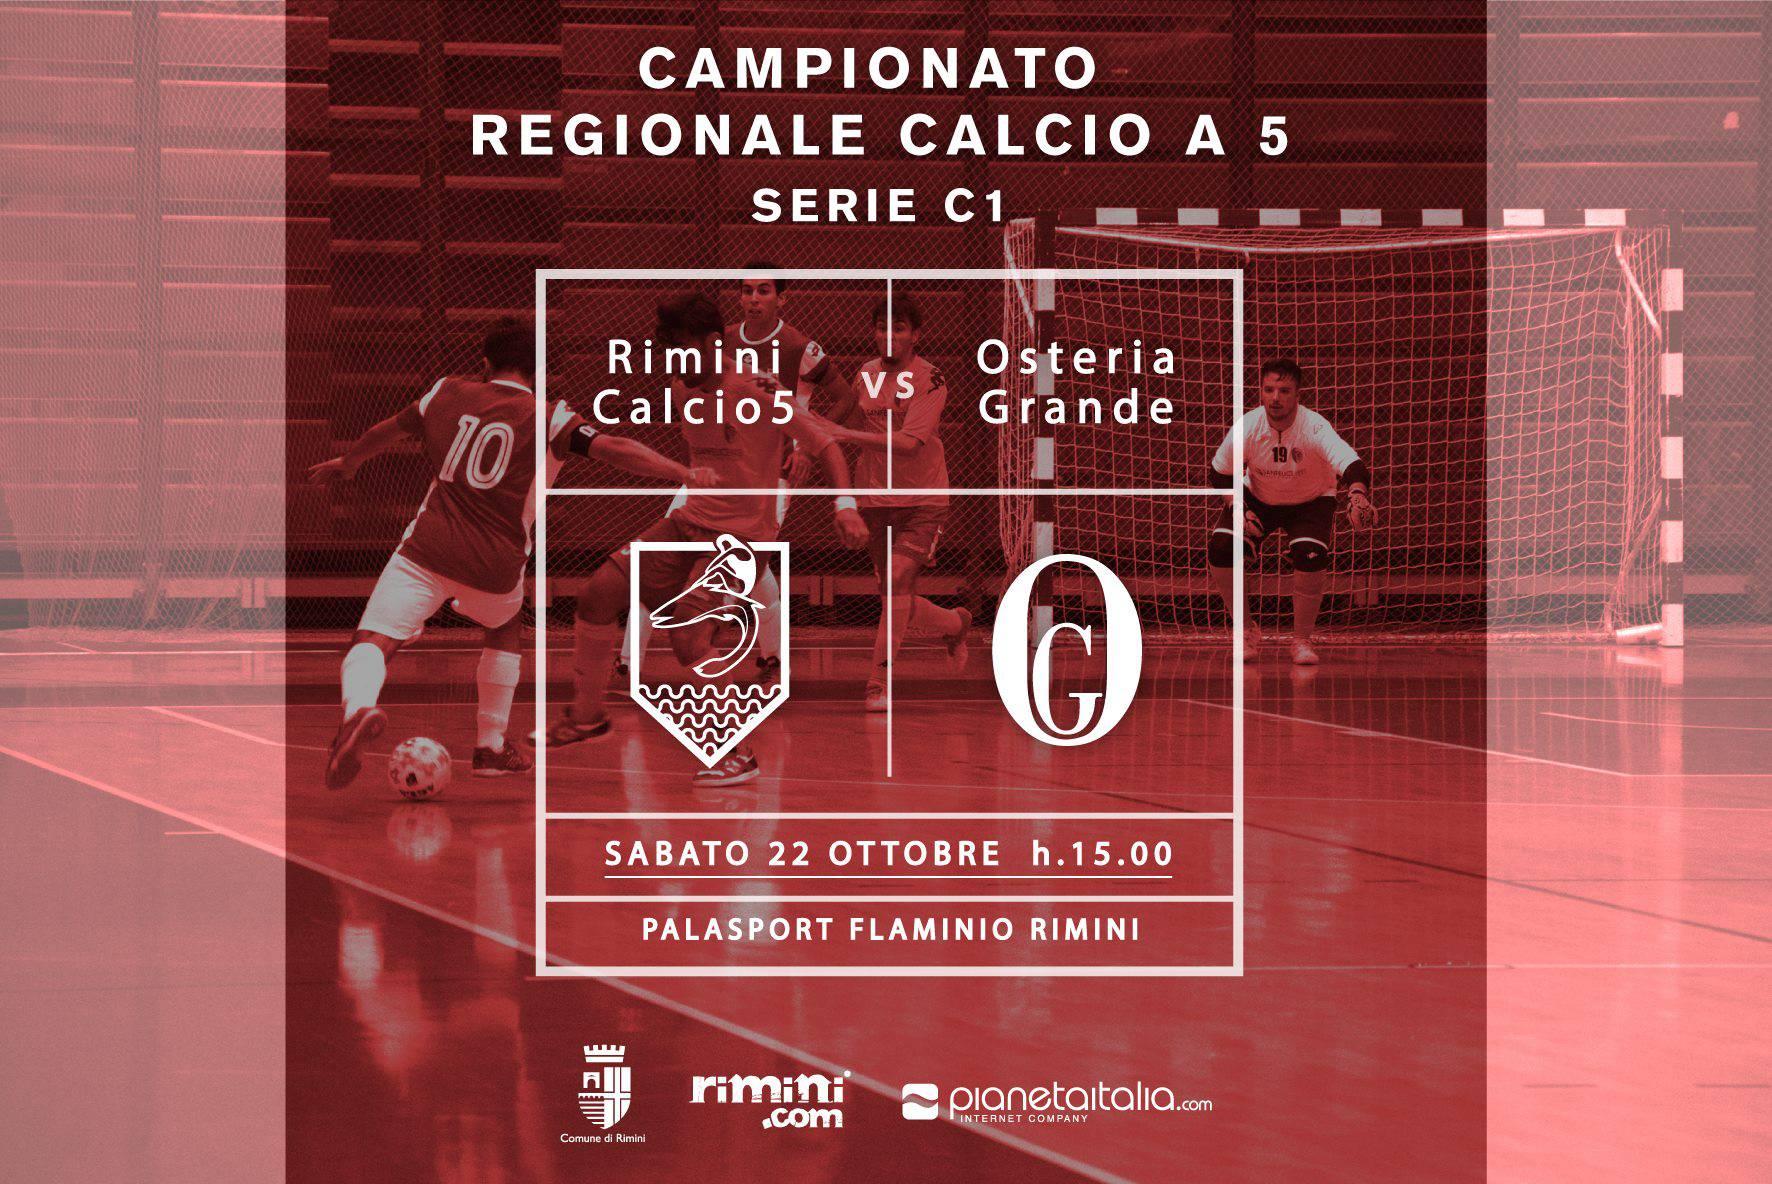 Calcio a 5. Rimini, attento alla fame di rivincita dell'Osteria Grande